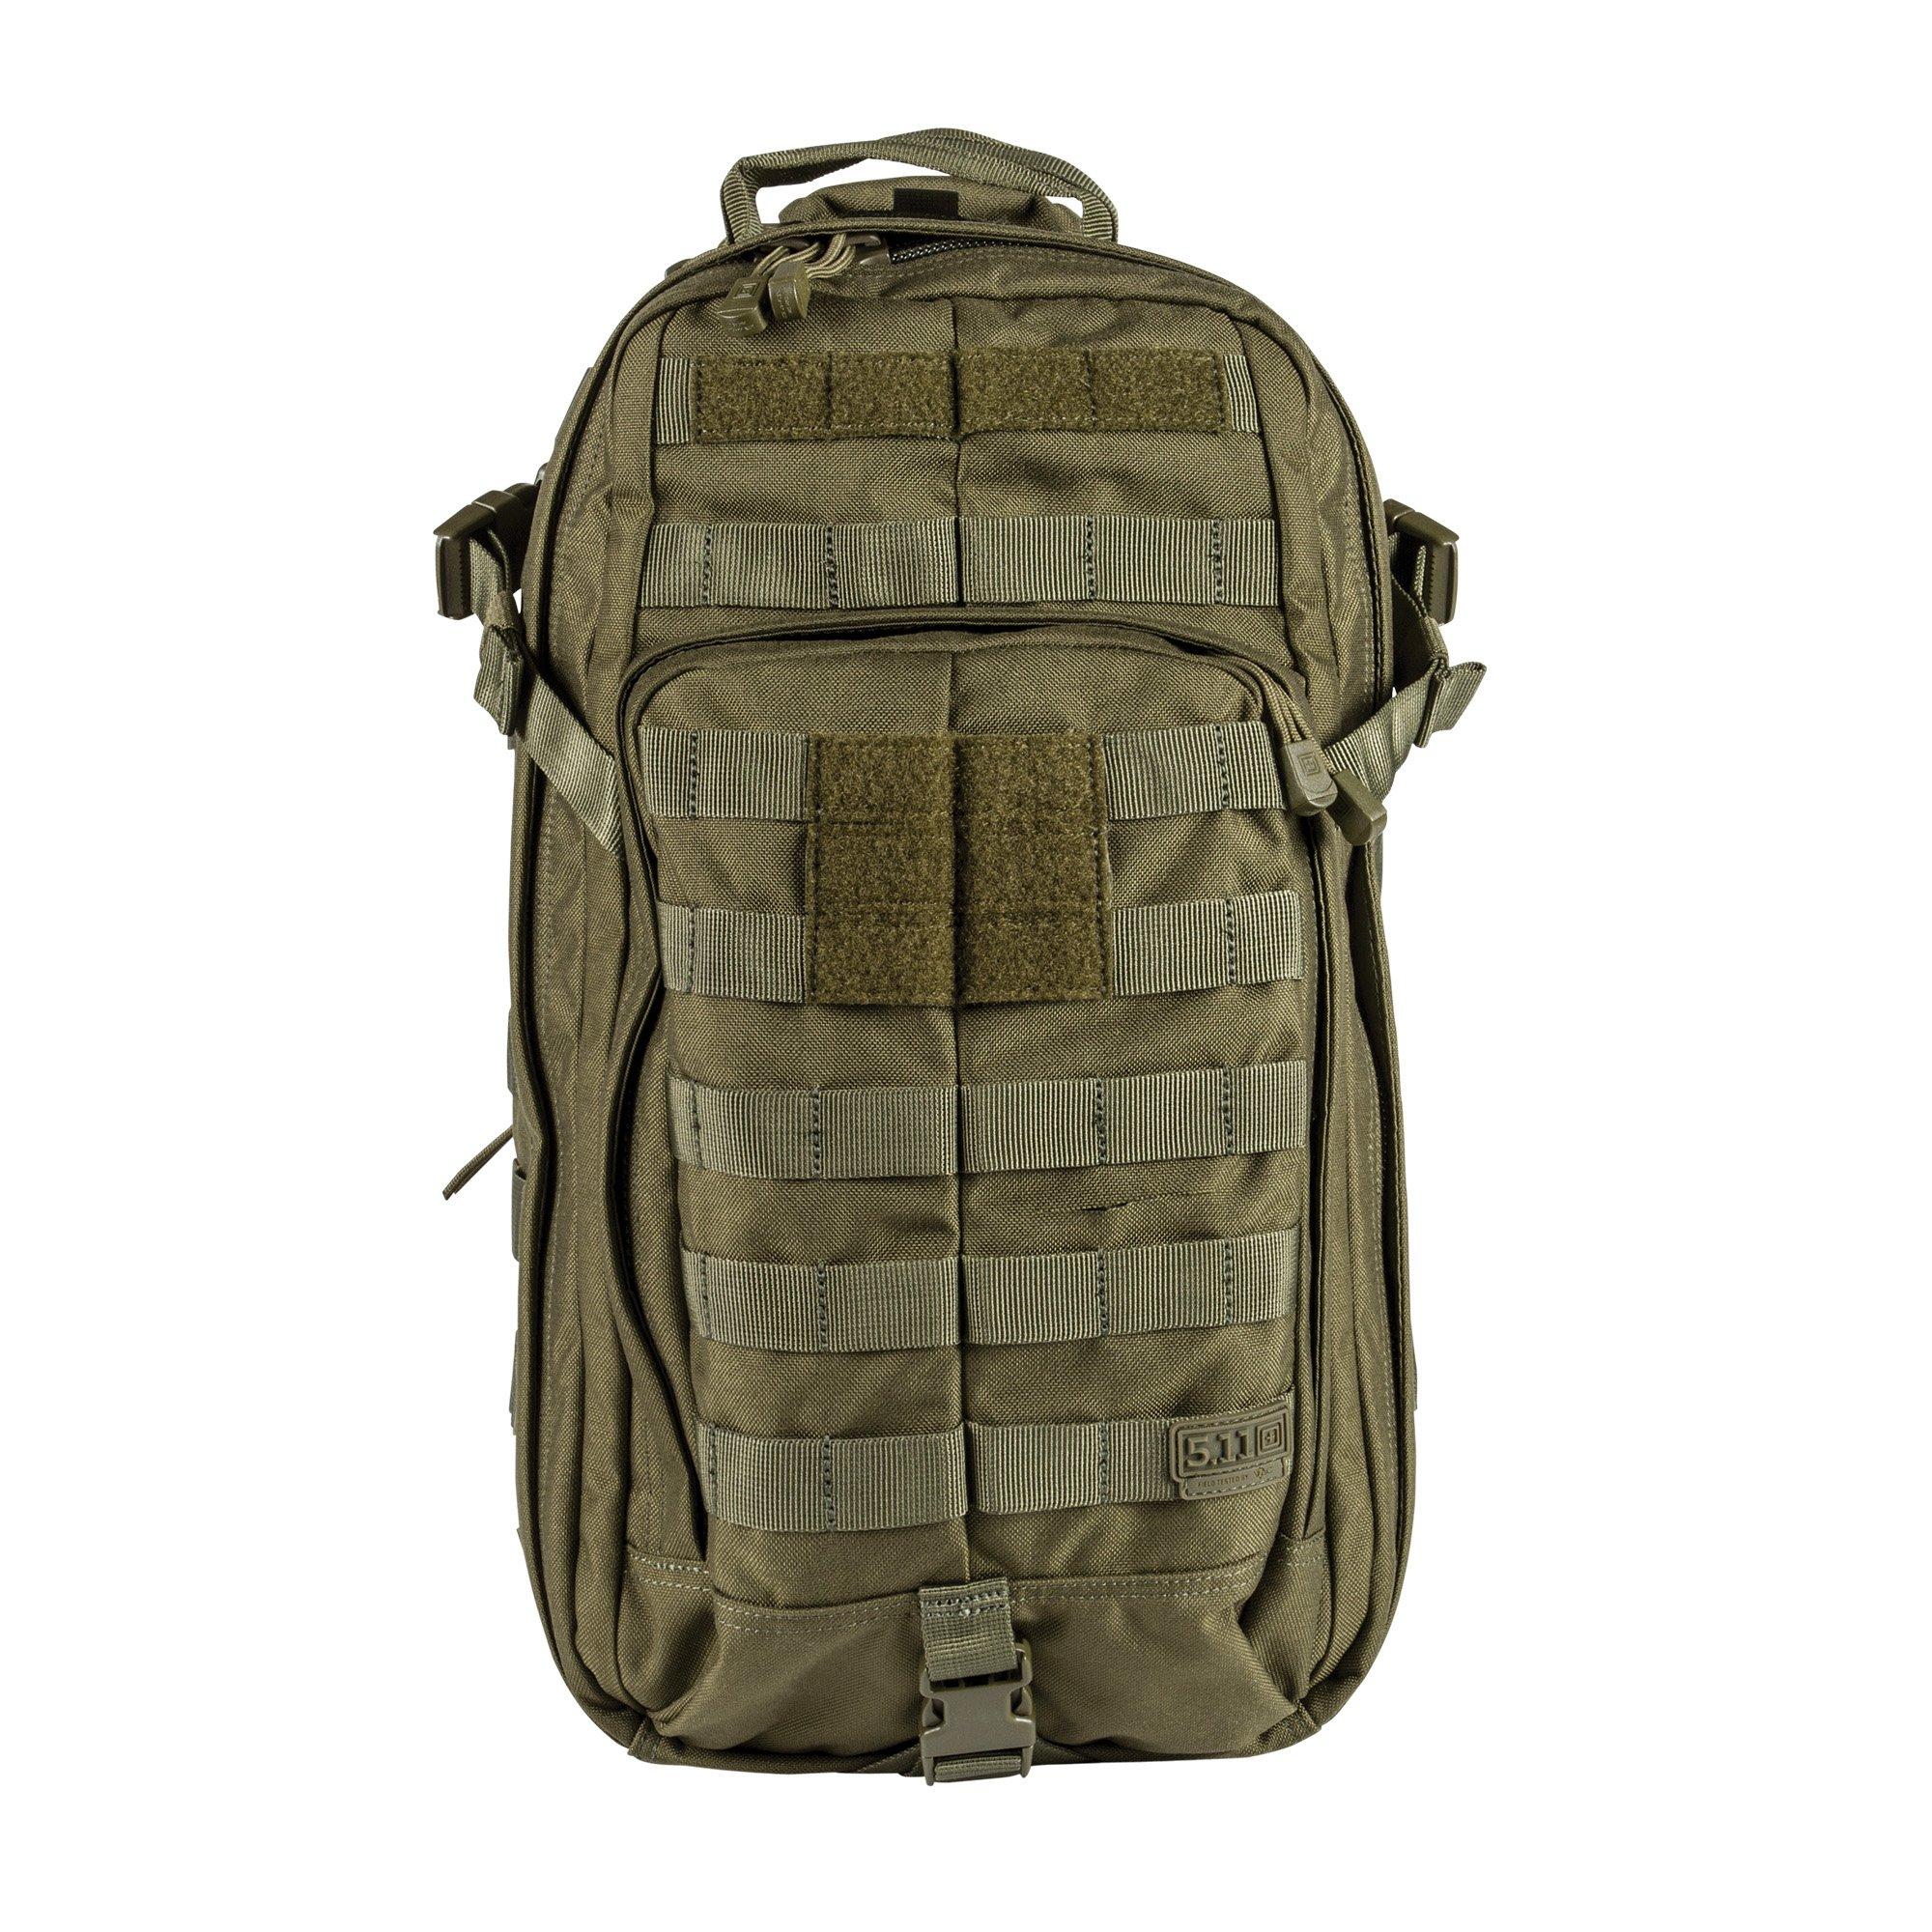 Balo 1 Quai 5.11 Tactical Moab 10 – Tac OD